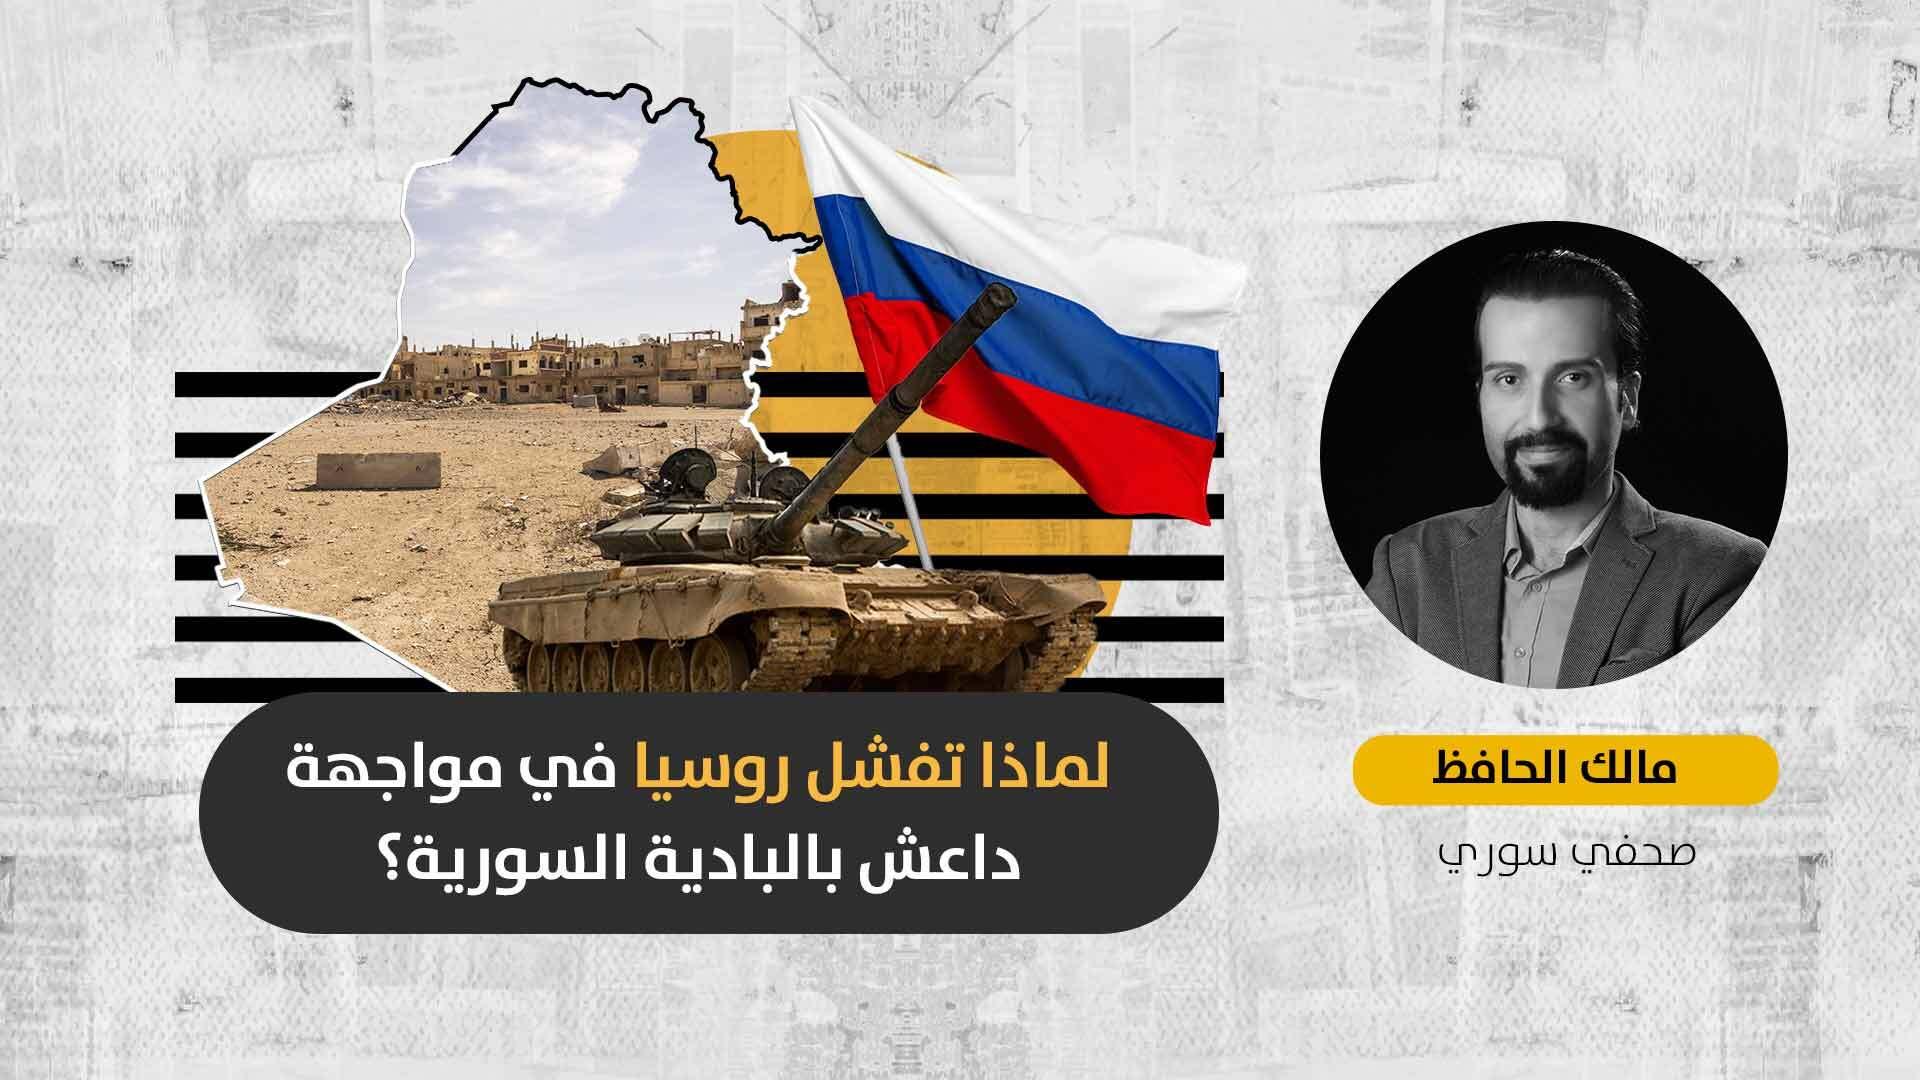 روسيا في مستنقع البادية: من أين تأتي قوة داعش في معقله الأخير على الأراضي السورية؟